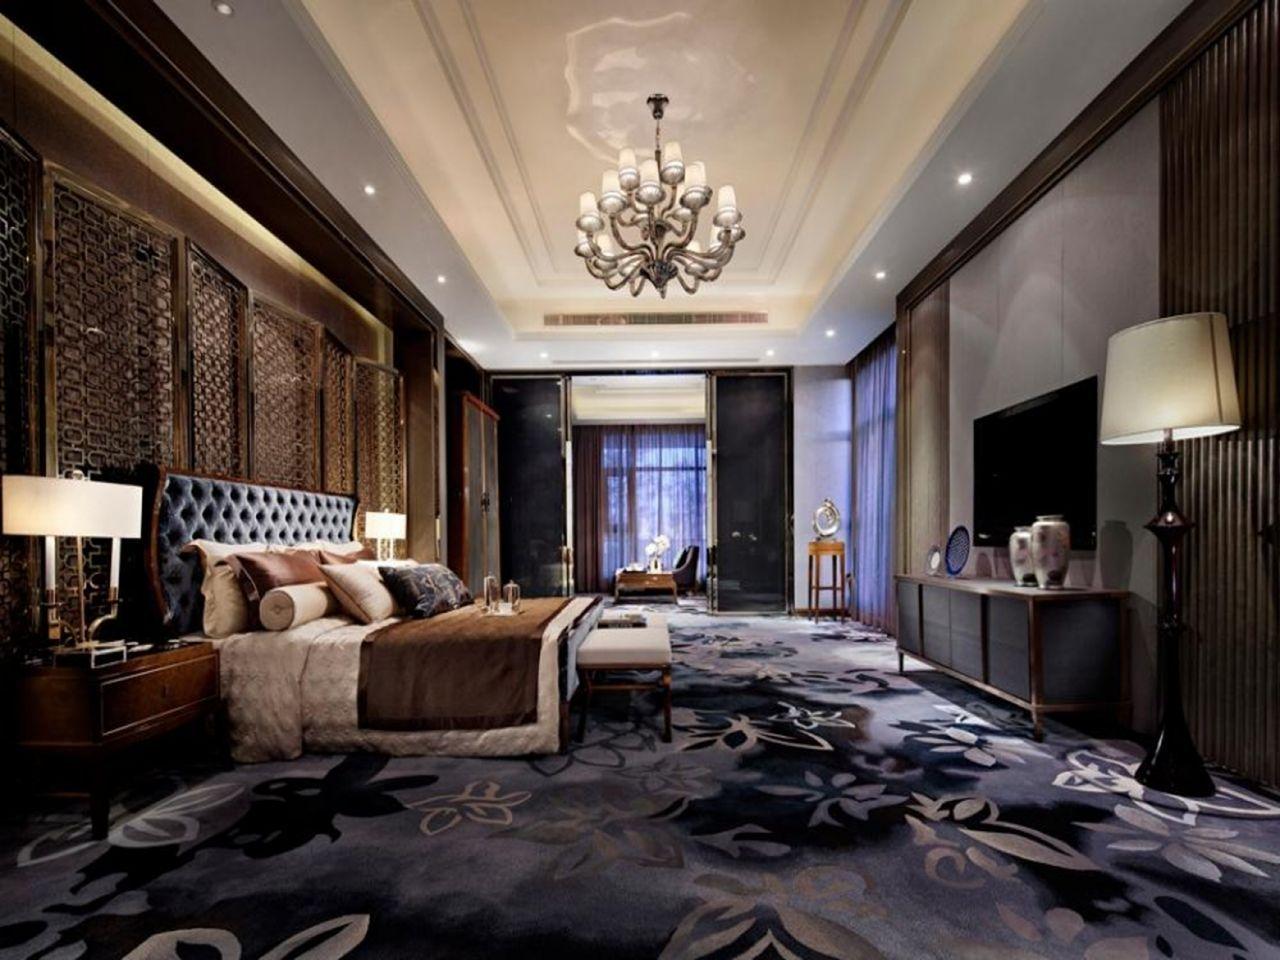 27 Elegant And Trend Modern Master Bedroom Design Ideas Dexorate Luxury Master Bedroom Design Modern Luxury Bedroom Luxury Bedroom Master